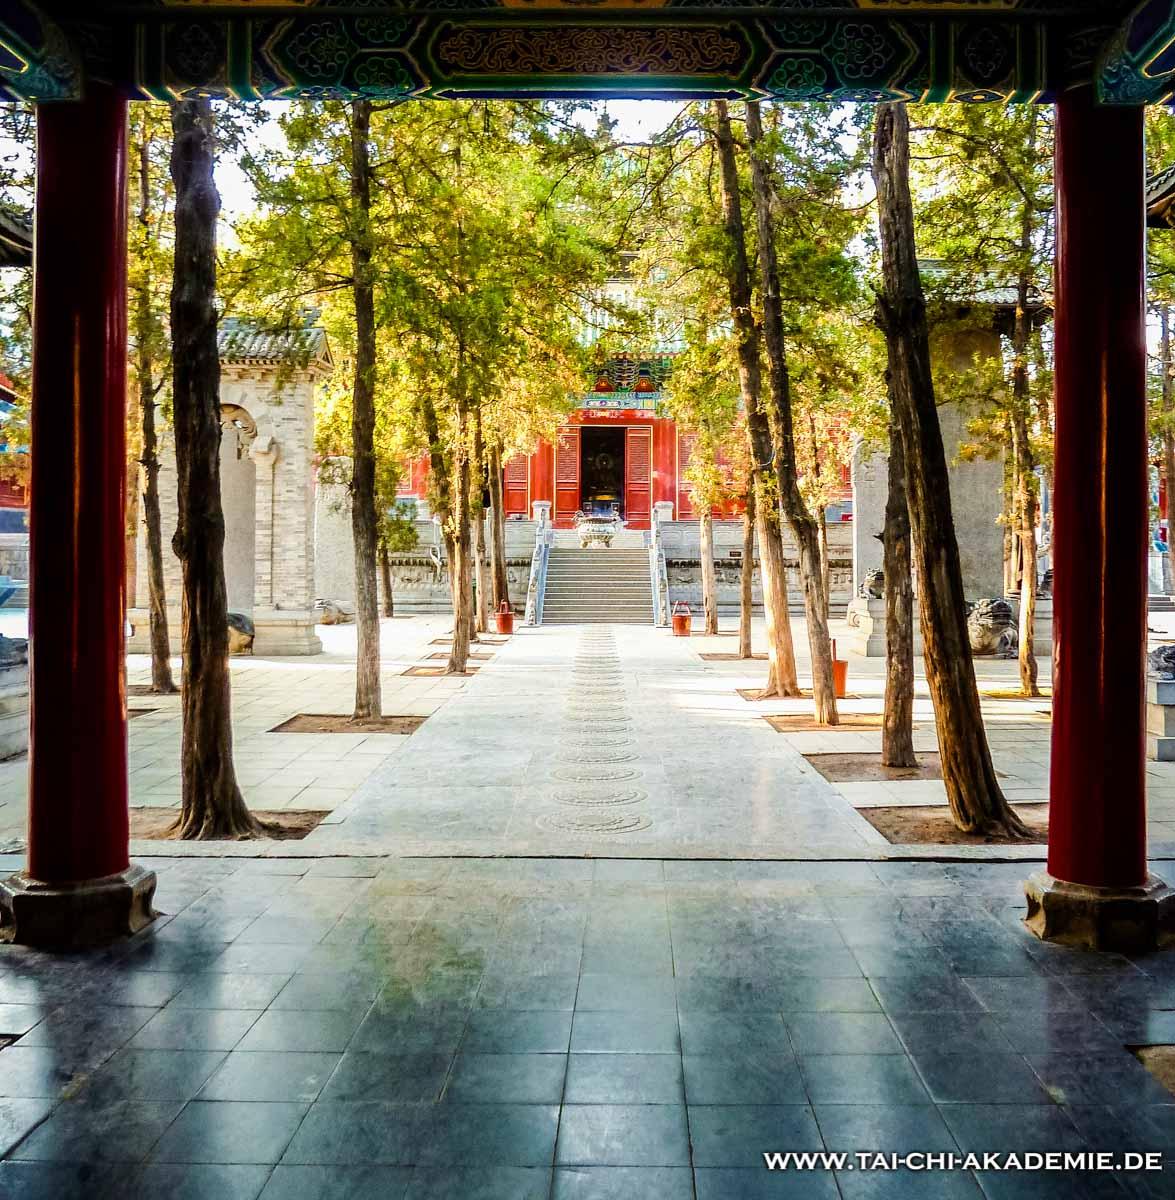 Ein Ziel seid meiner Jugend war das Training im Shaolin Tempel in China. Nun arbeite ich daran möglichst bald wieder dort zu trainieren. (Jörg Roth)